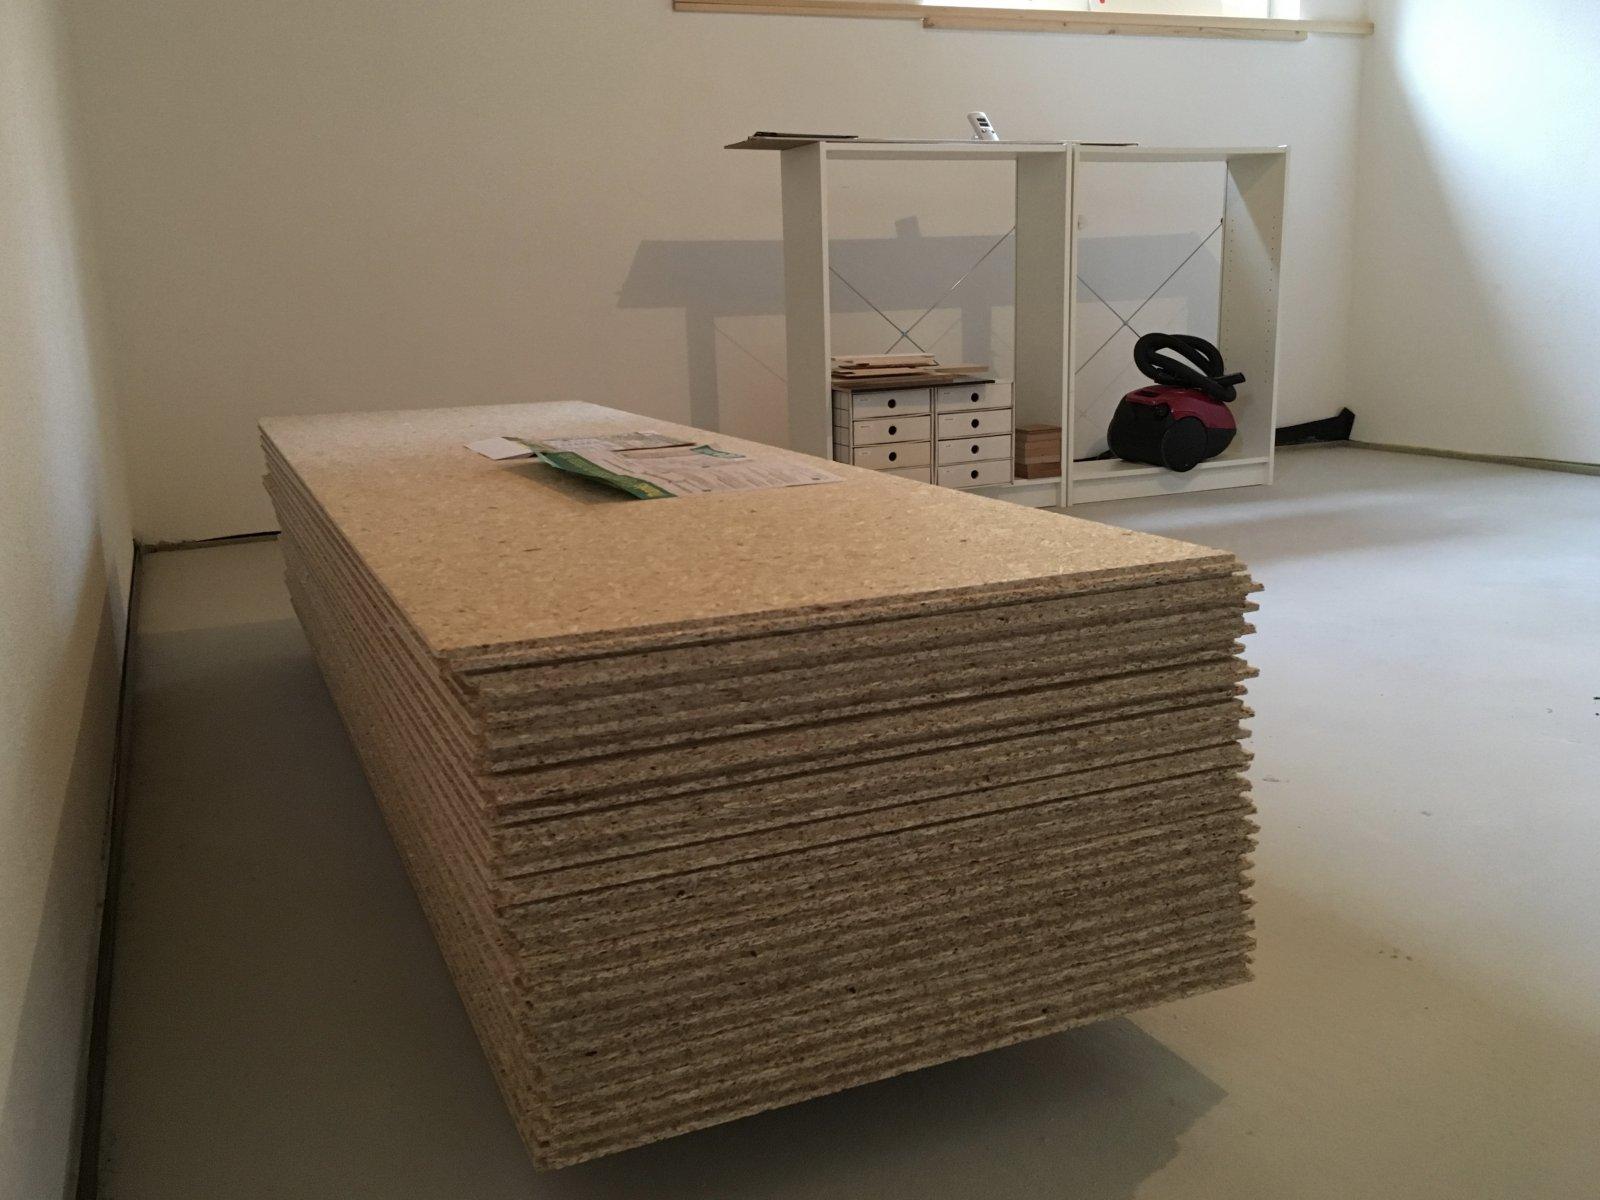 Fußboden In Waage Bringen ~ Fußboden werkstatt sie benötigen einen sofort belastbaren